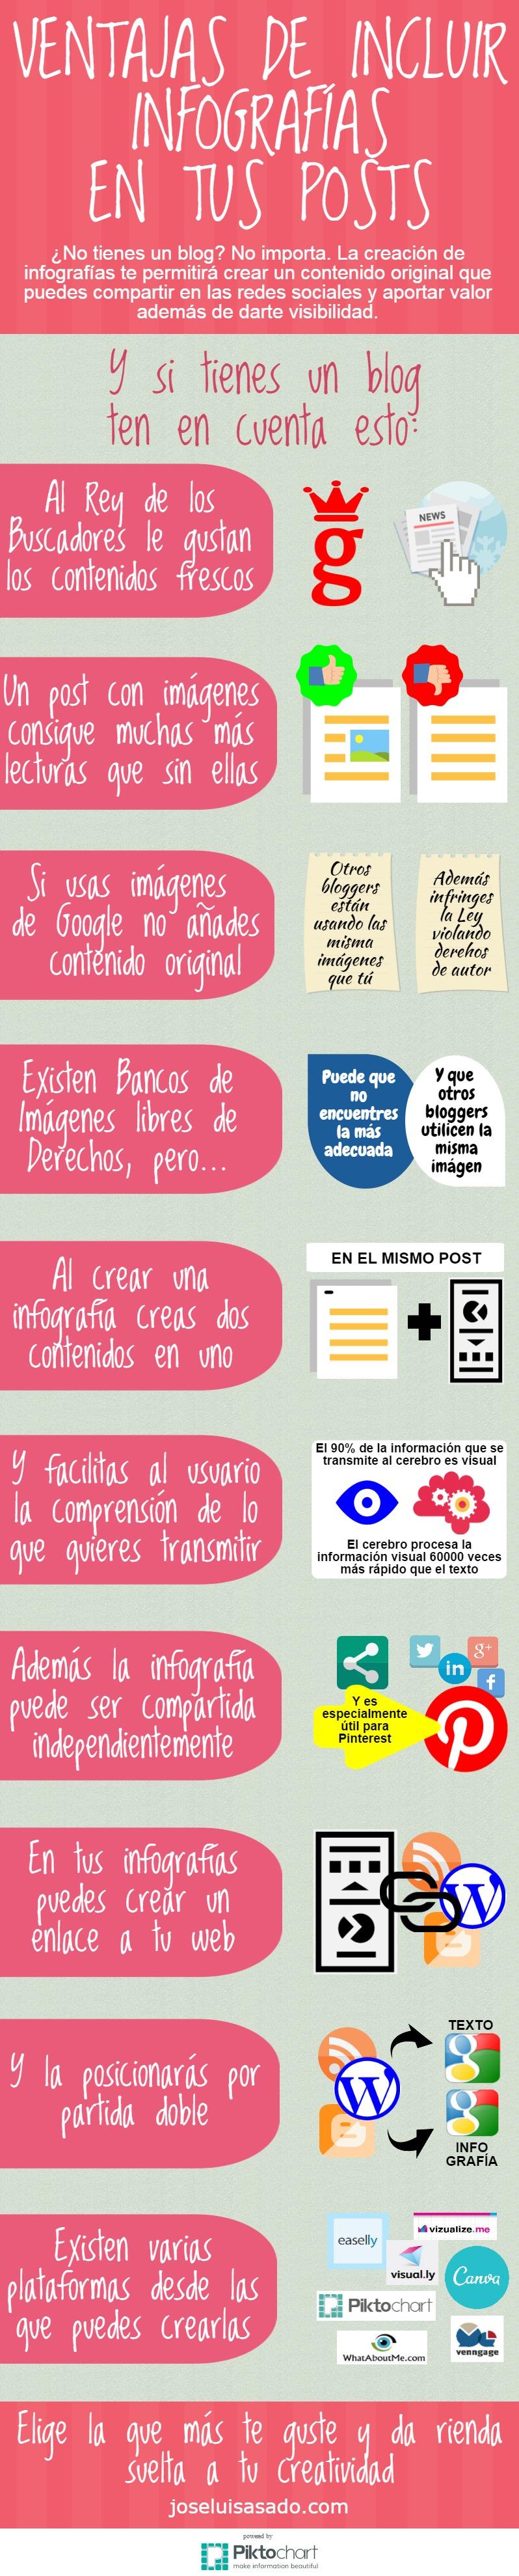 Ventajas de incluir infografías en los post de tu Blog